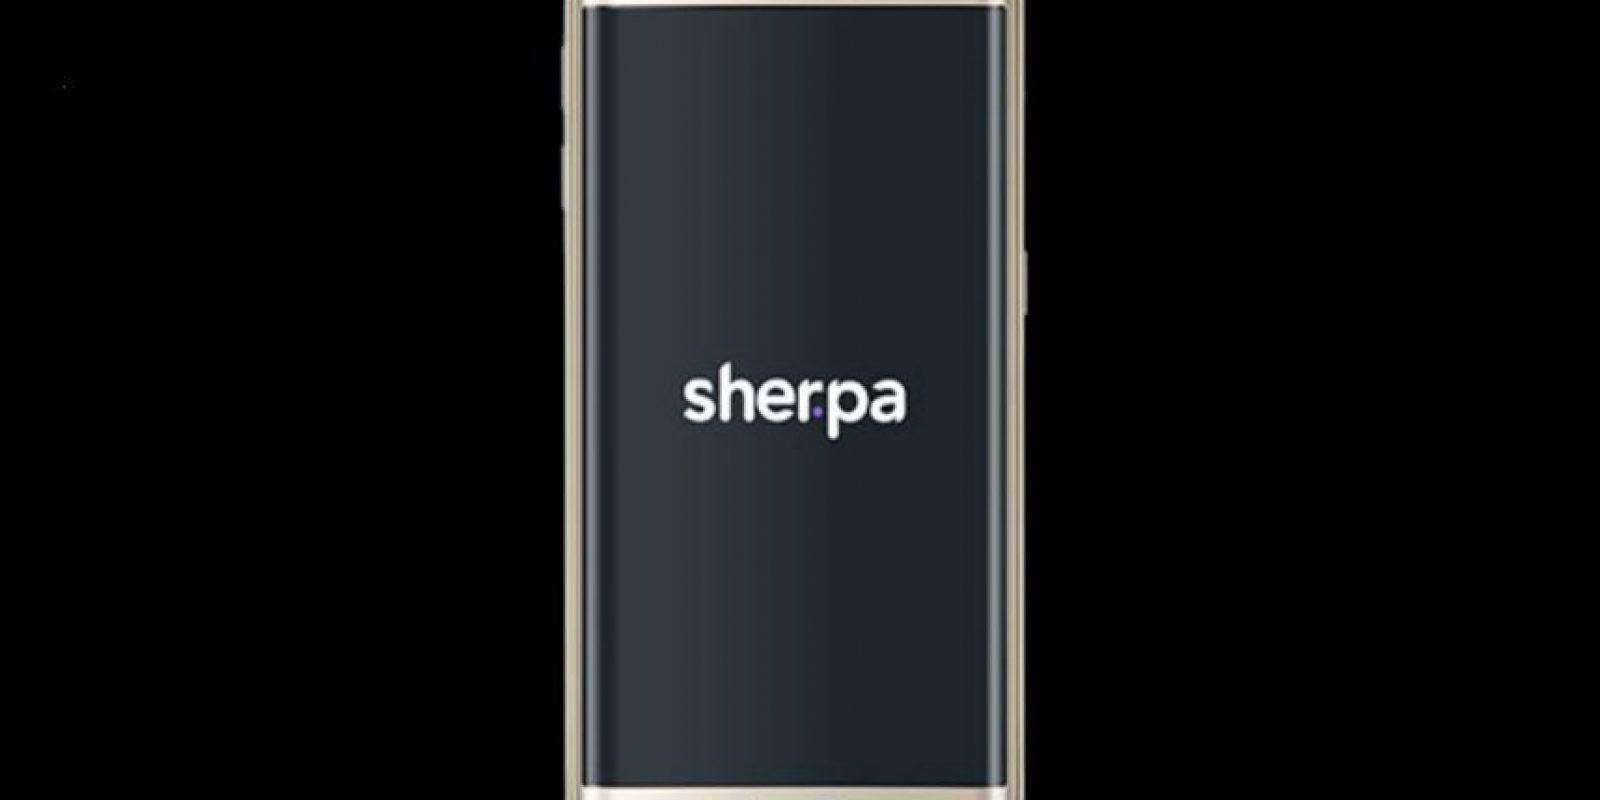 Sherpa Next será un asistente personal que intentará predecir qué quieren encontrar Foto:Samsung